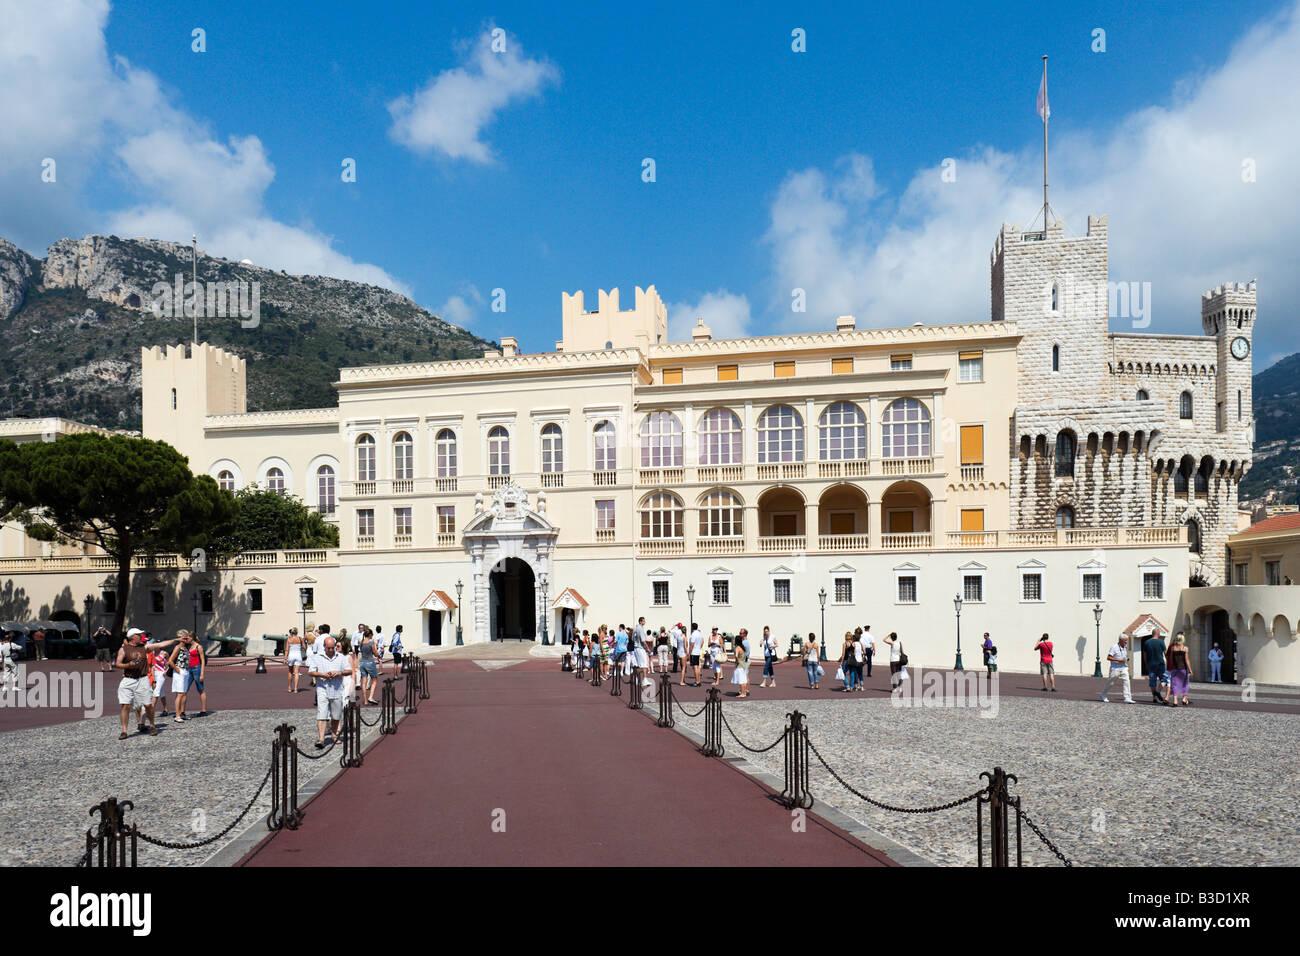 The Royal Palace, Place du Palais, Monaco Ville, Monaco, French Riviera, Cote d'Azur, France - Stock Image